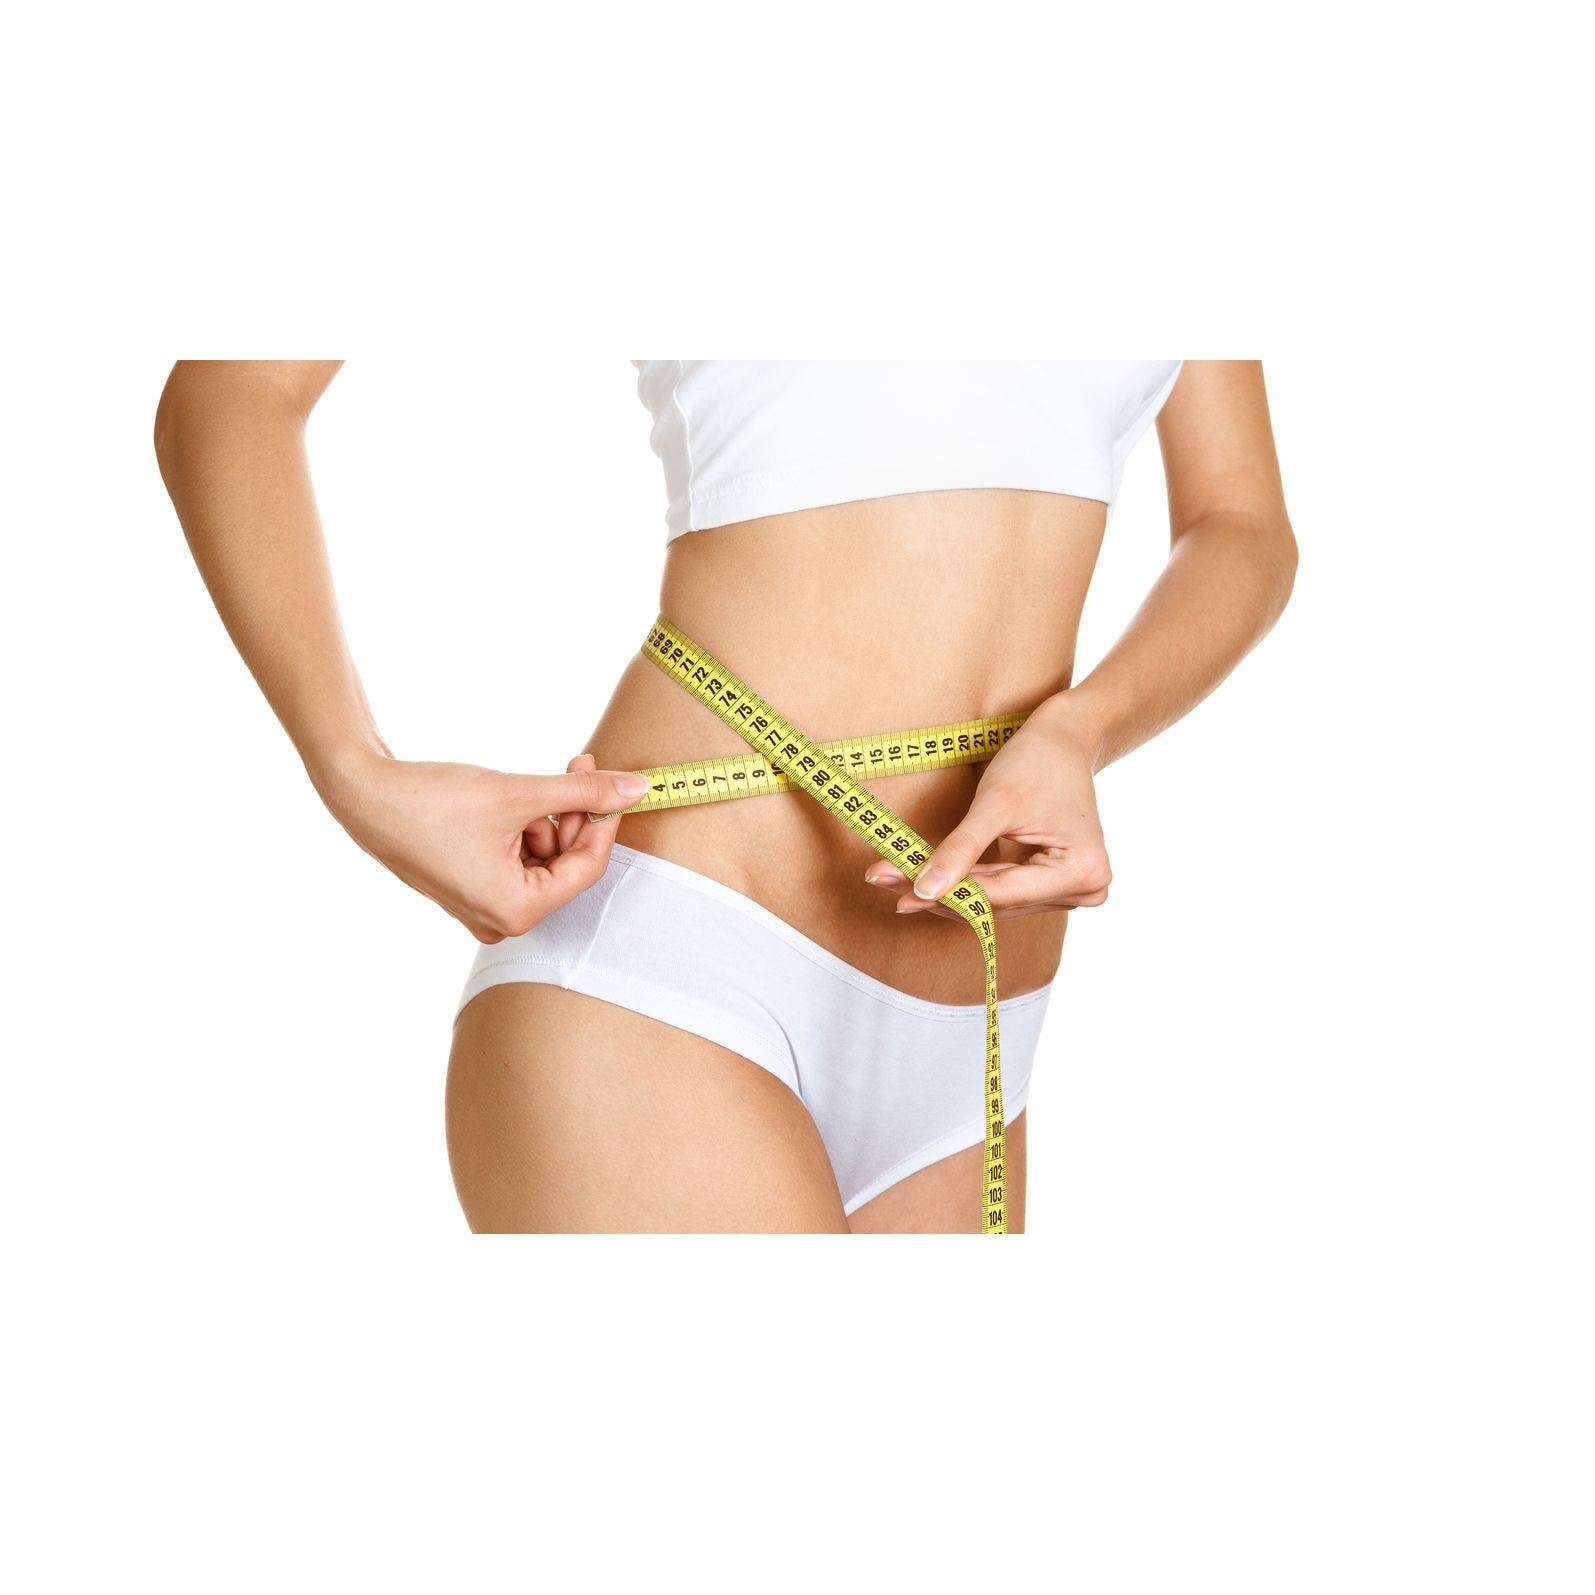 sanford bemidji pierdere în greutate